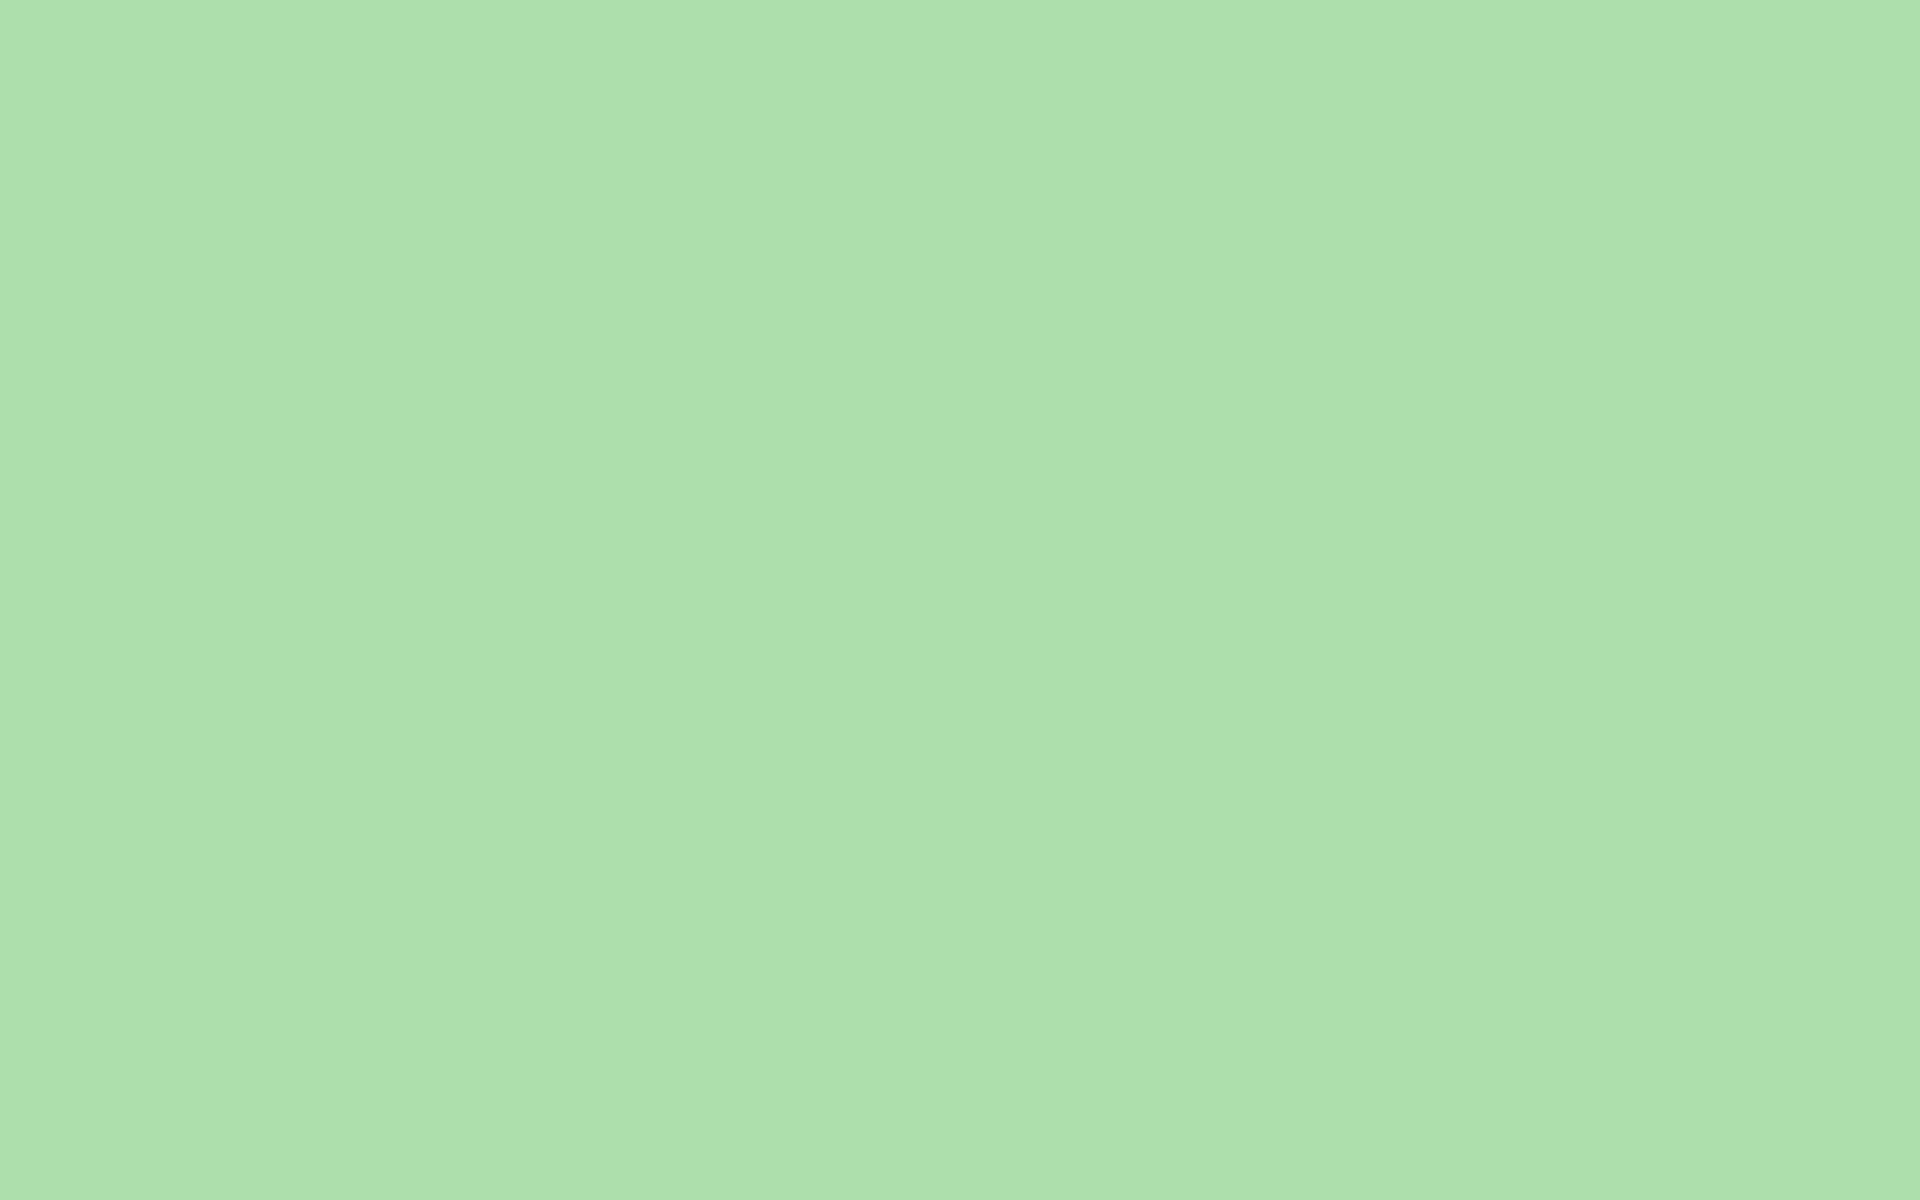 Light Moss Green Solid 1920x1200